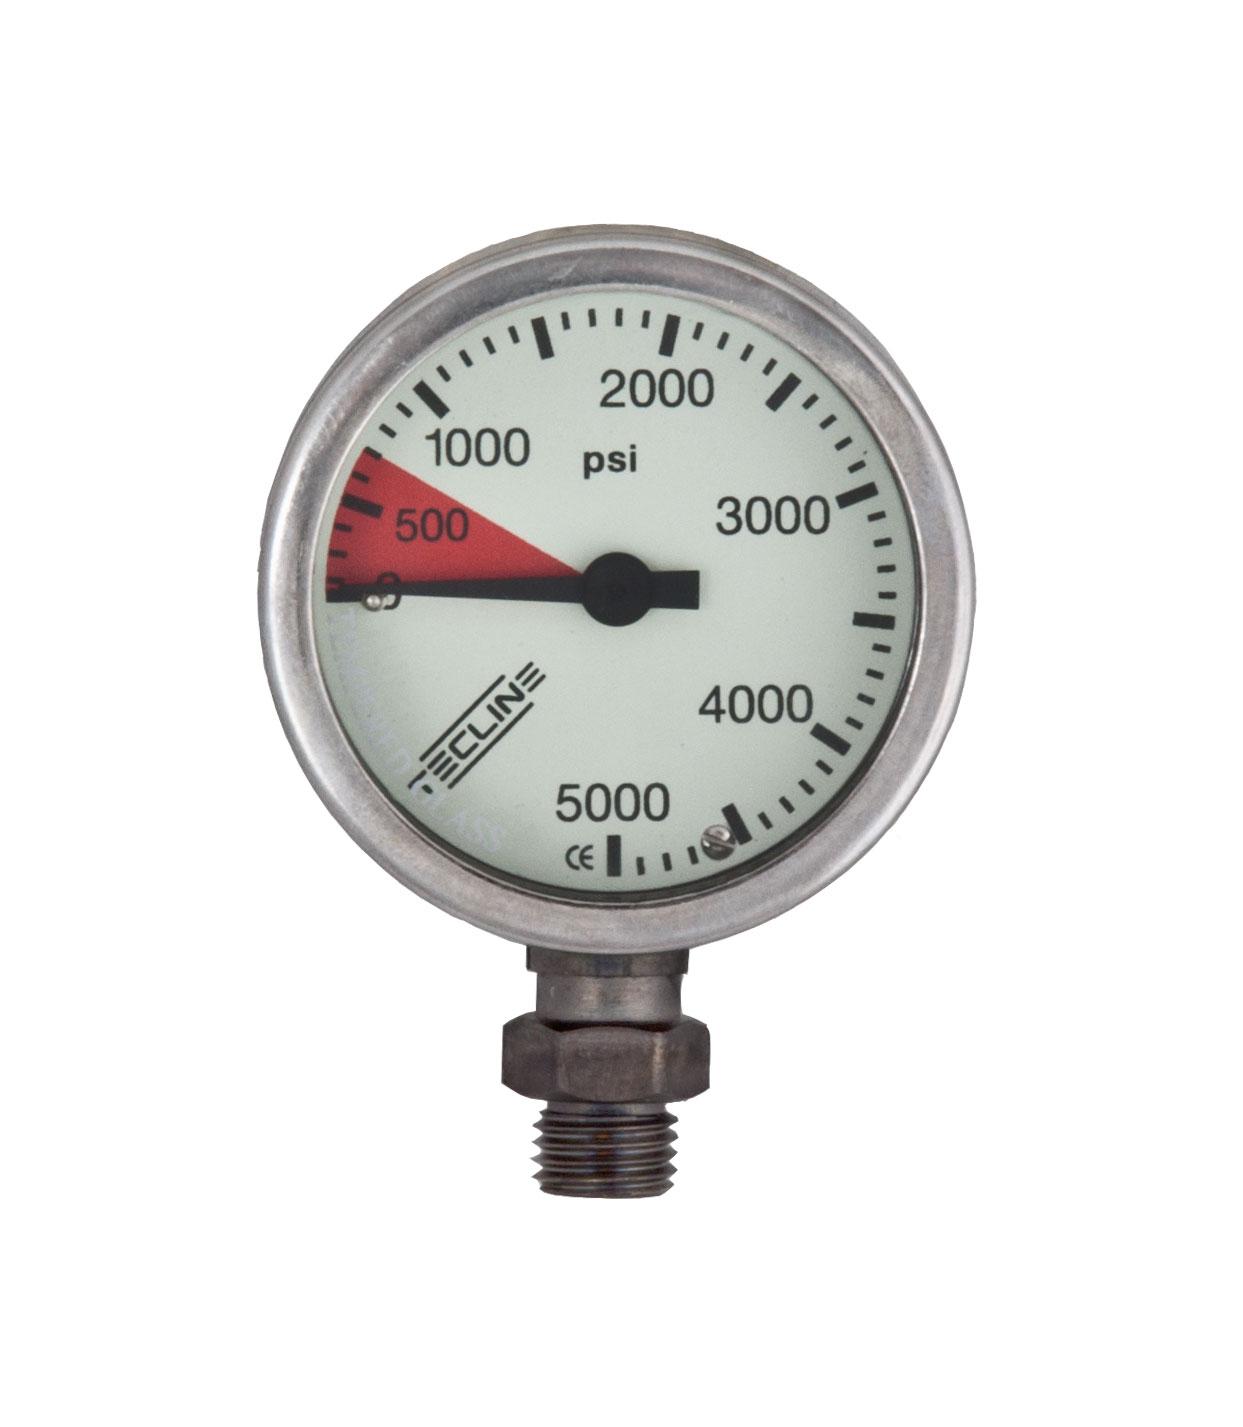 t10020-psi